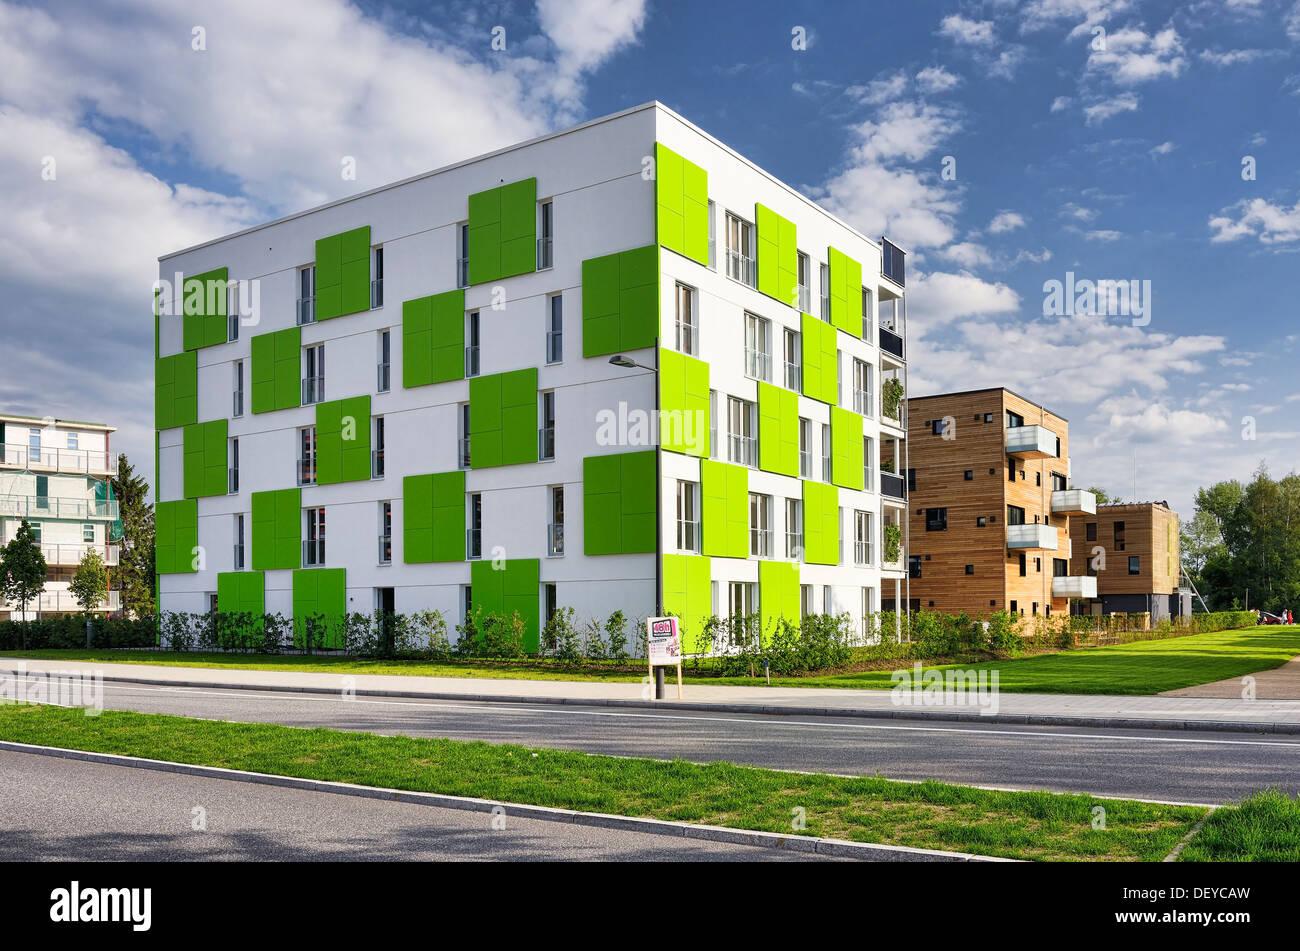 Étude de cas du projet de construction d'IBA House dans le château de Wilhelm, Hambourg, Allemagne, Europe, IBA-Bauprojekt House en étude de cas Wilhelms Photo Stock